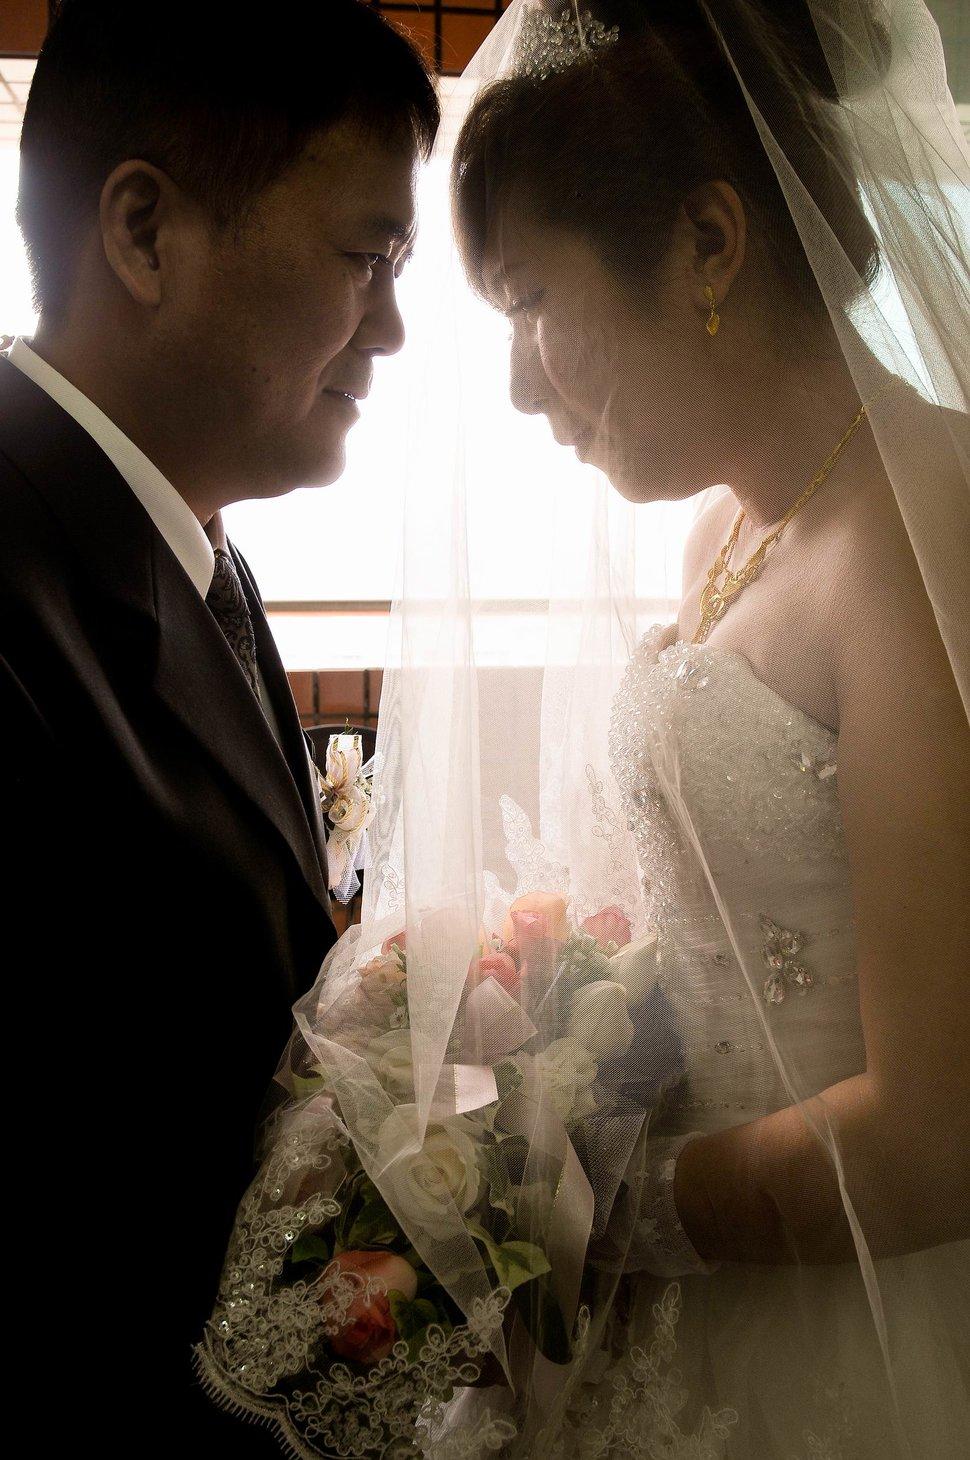 專業婚攝婚禮紀錄婚禮紀錄專業錄影婚禮錄影婚禮記錄動態微電影錄影專業錄影平面攝影婚攝婚禮主持人(編號:280477) - 蜜月拍照10800錄影12800攝影團隊 - 結婚吧